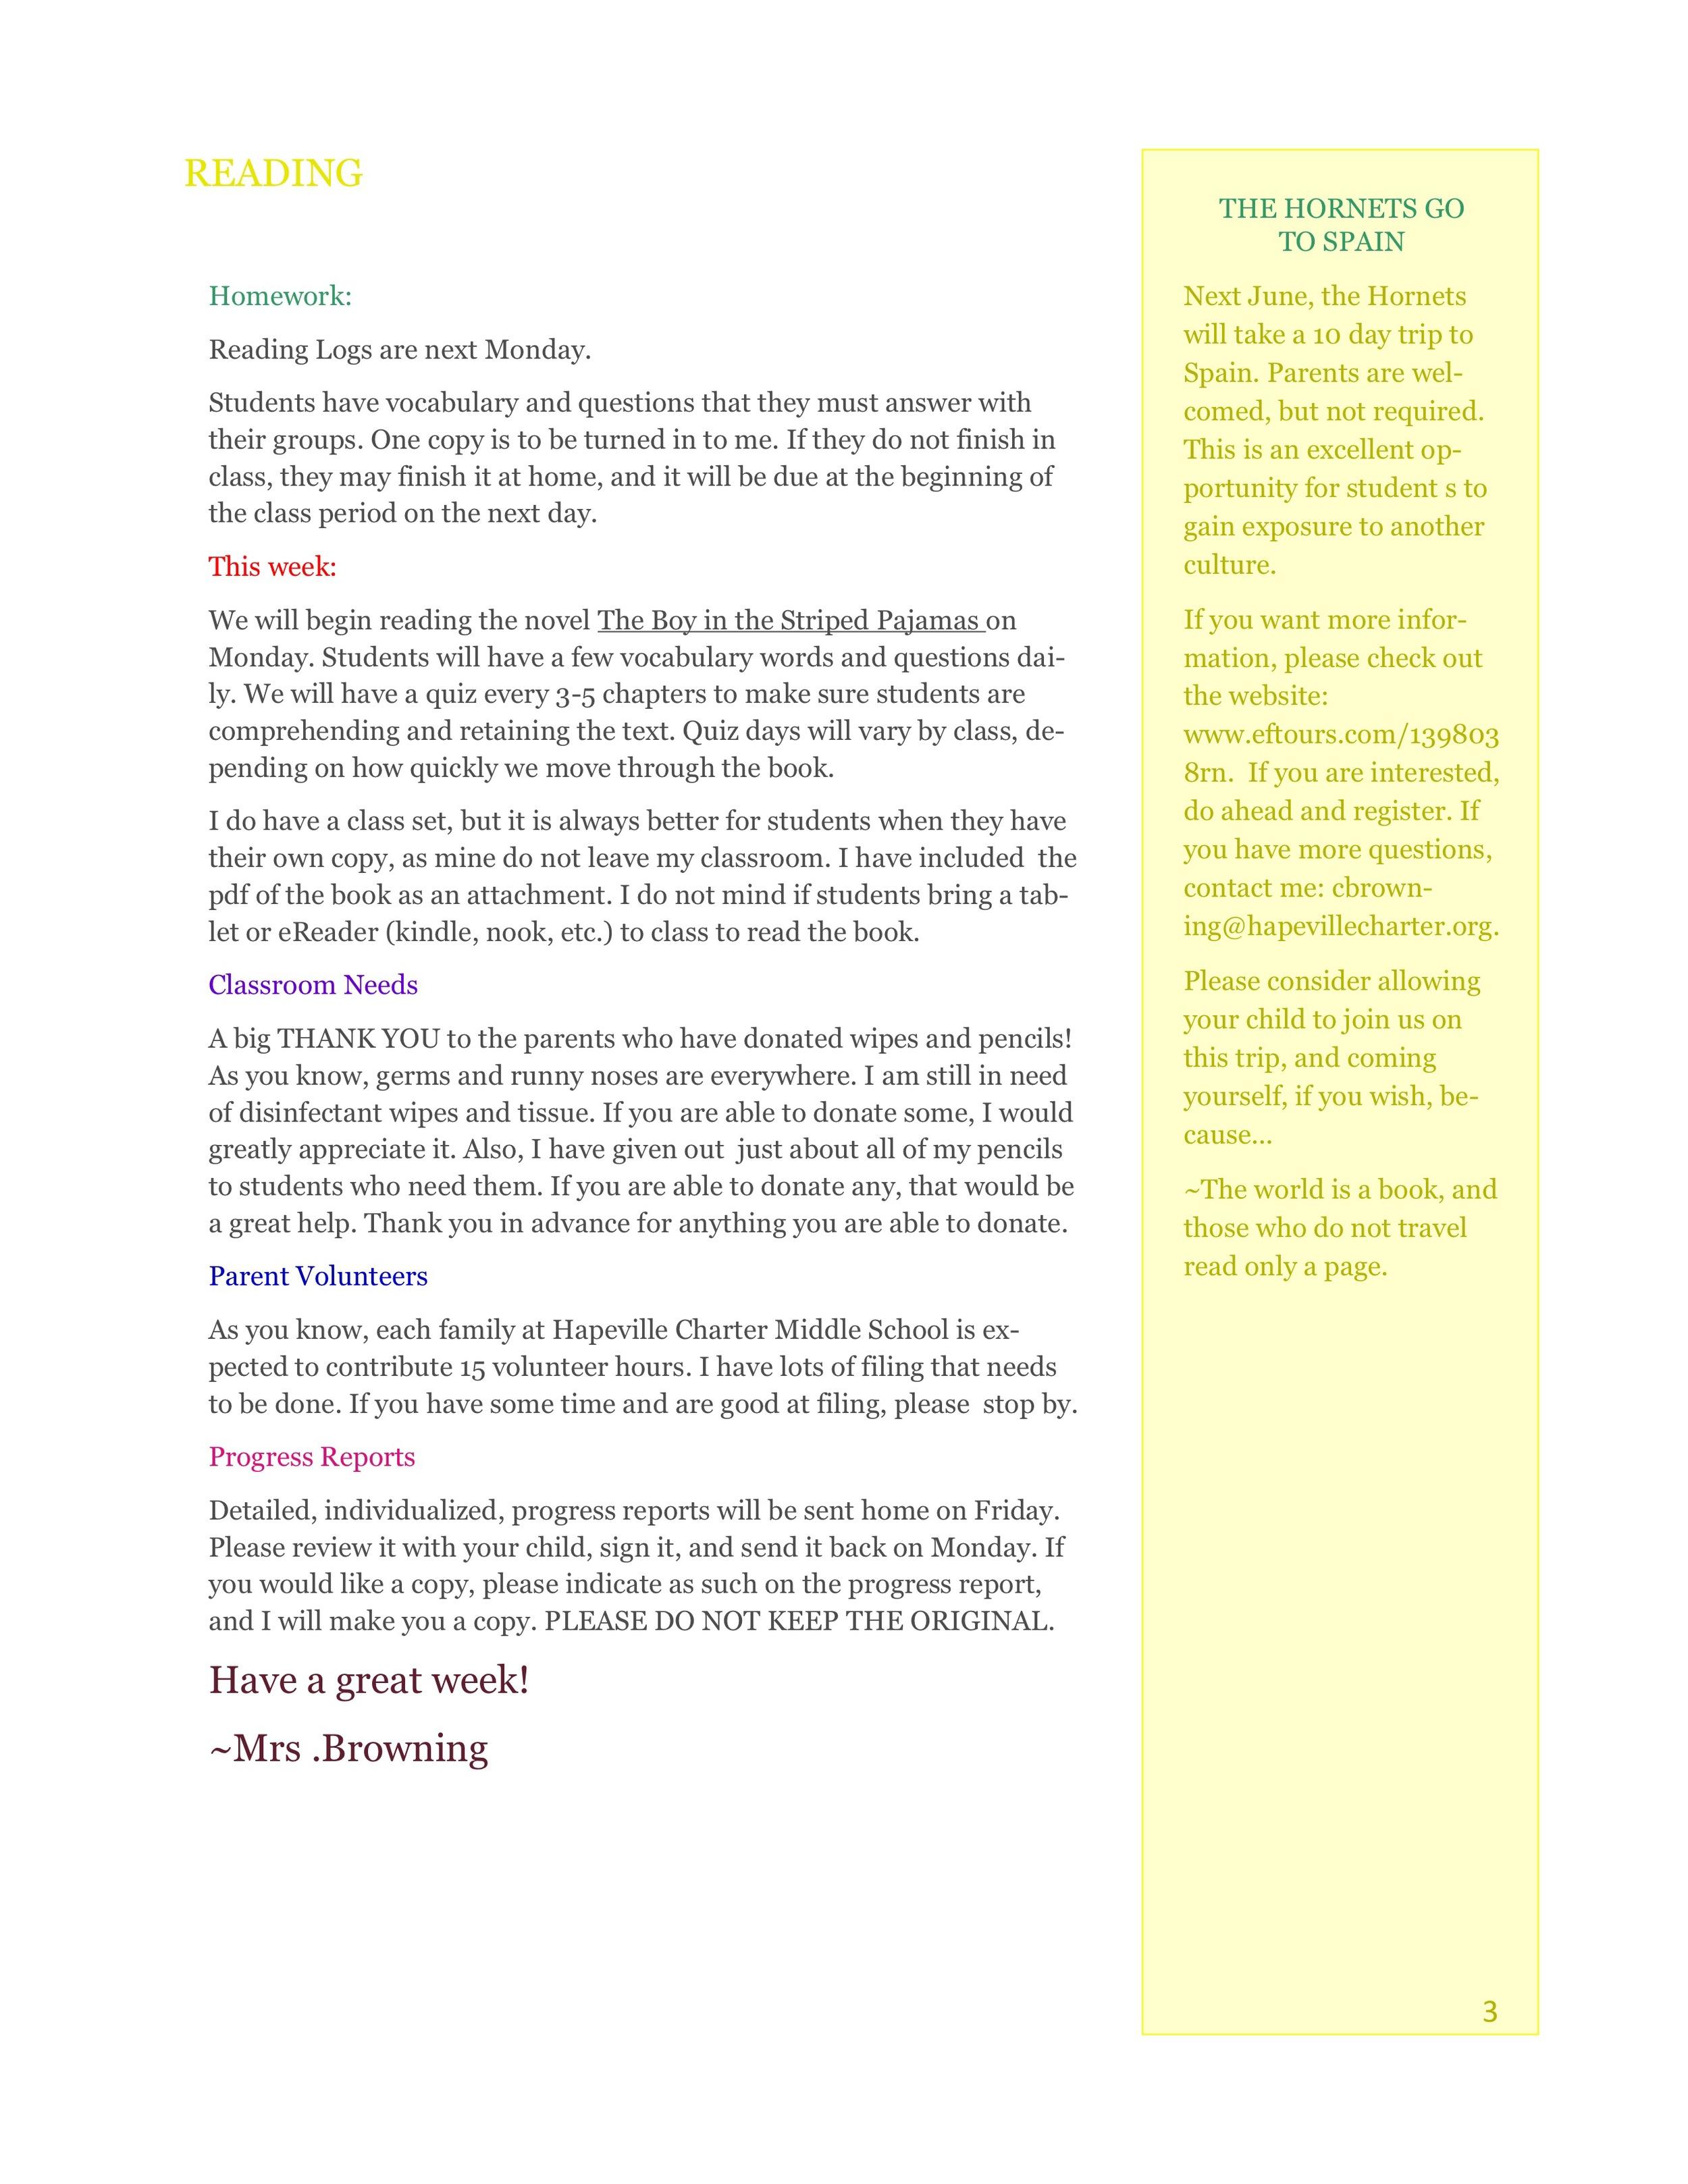 Newsletter Image6th grade November 10-14 3.jpeg